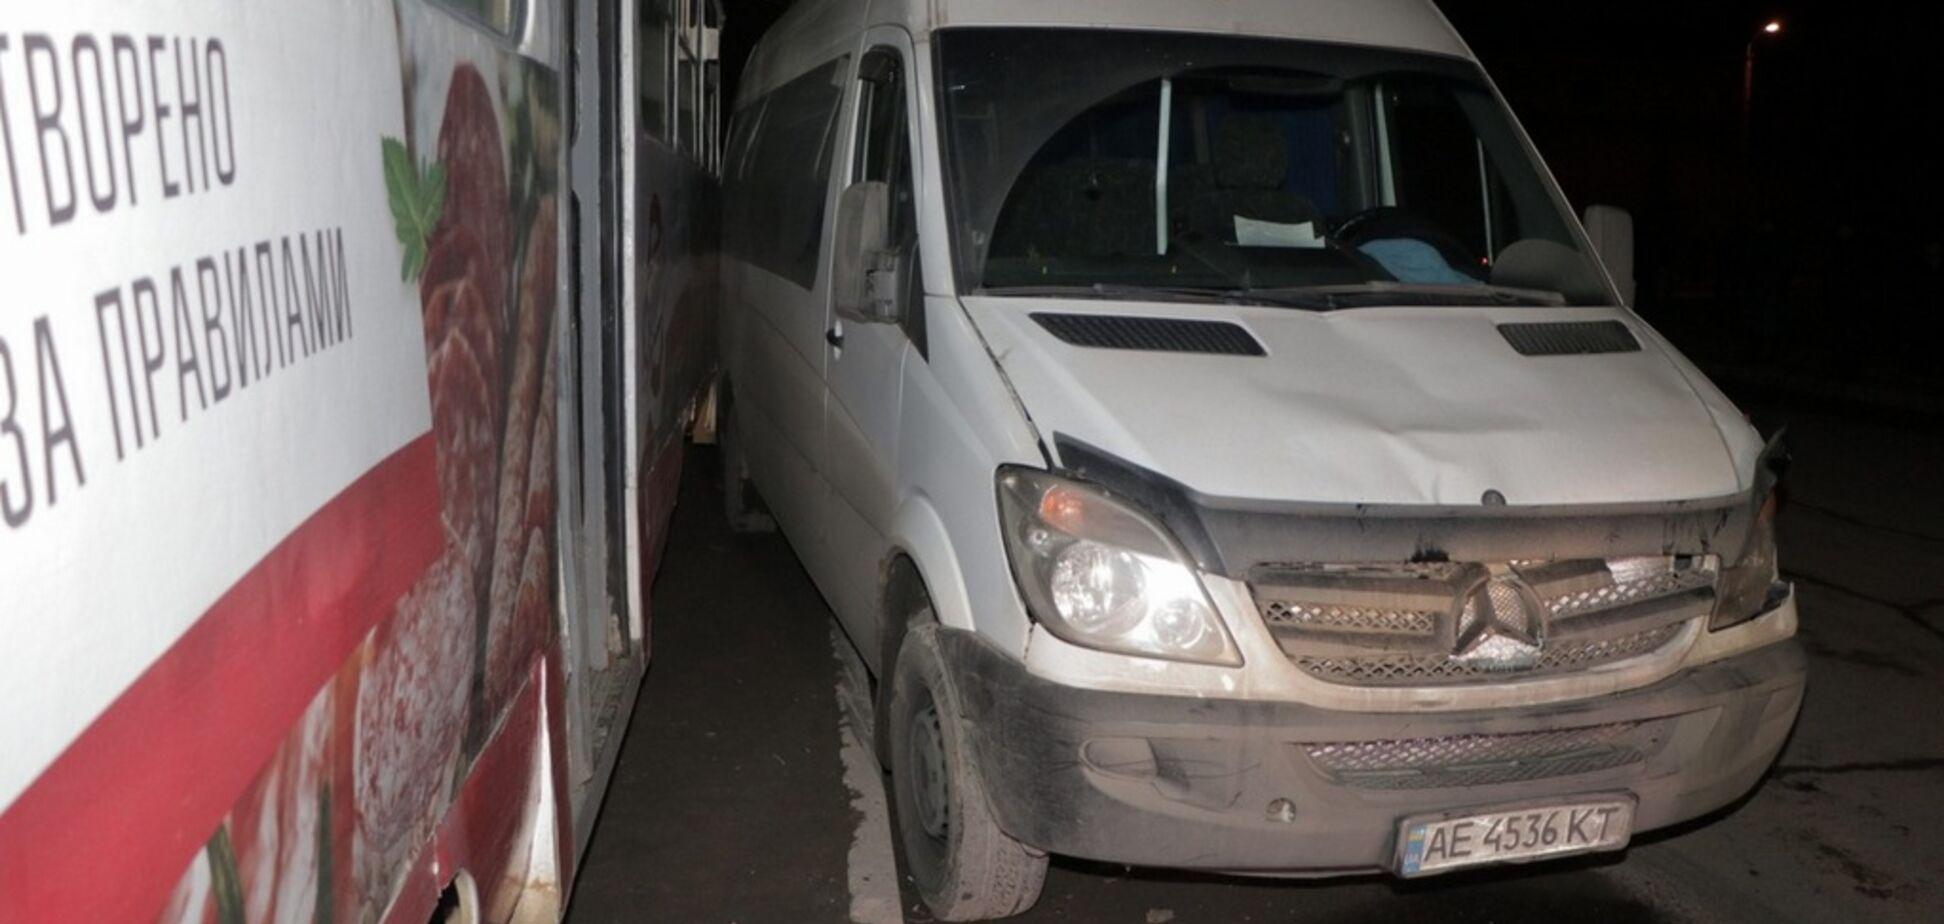 В Днепре микроавтобус въехал в толпу людей: ранены 4 человека. Фото и видео ДТП